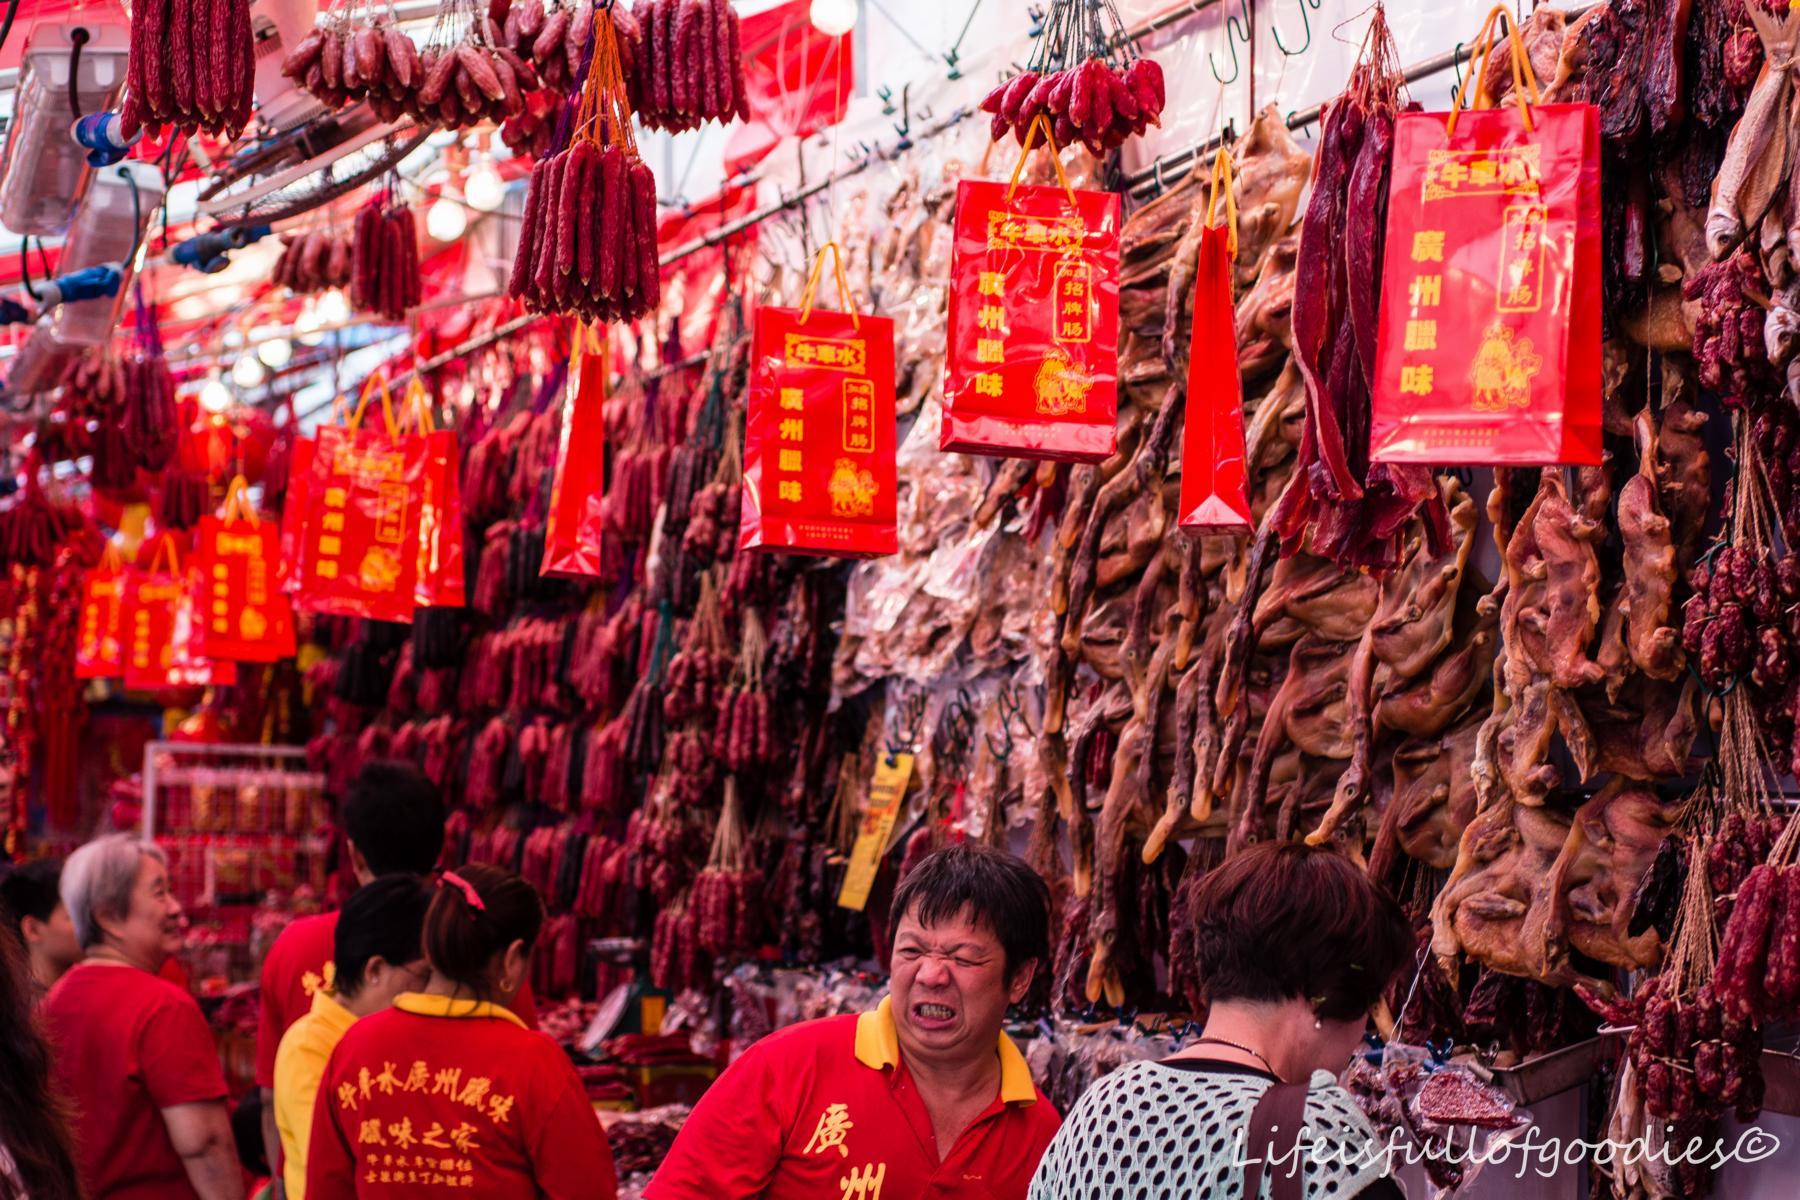 Den Geruch des getrockneten Fleisches muss man ertragen können